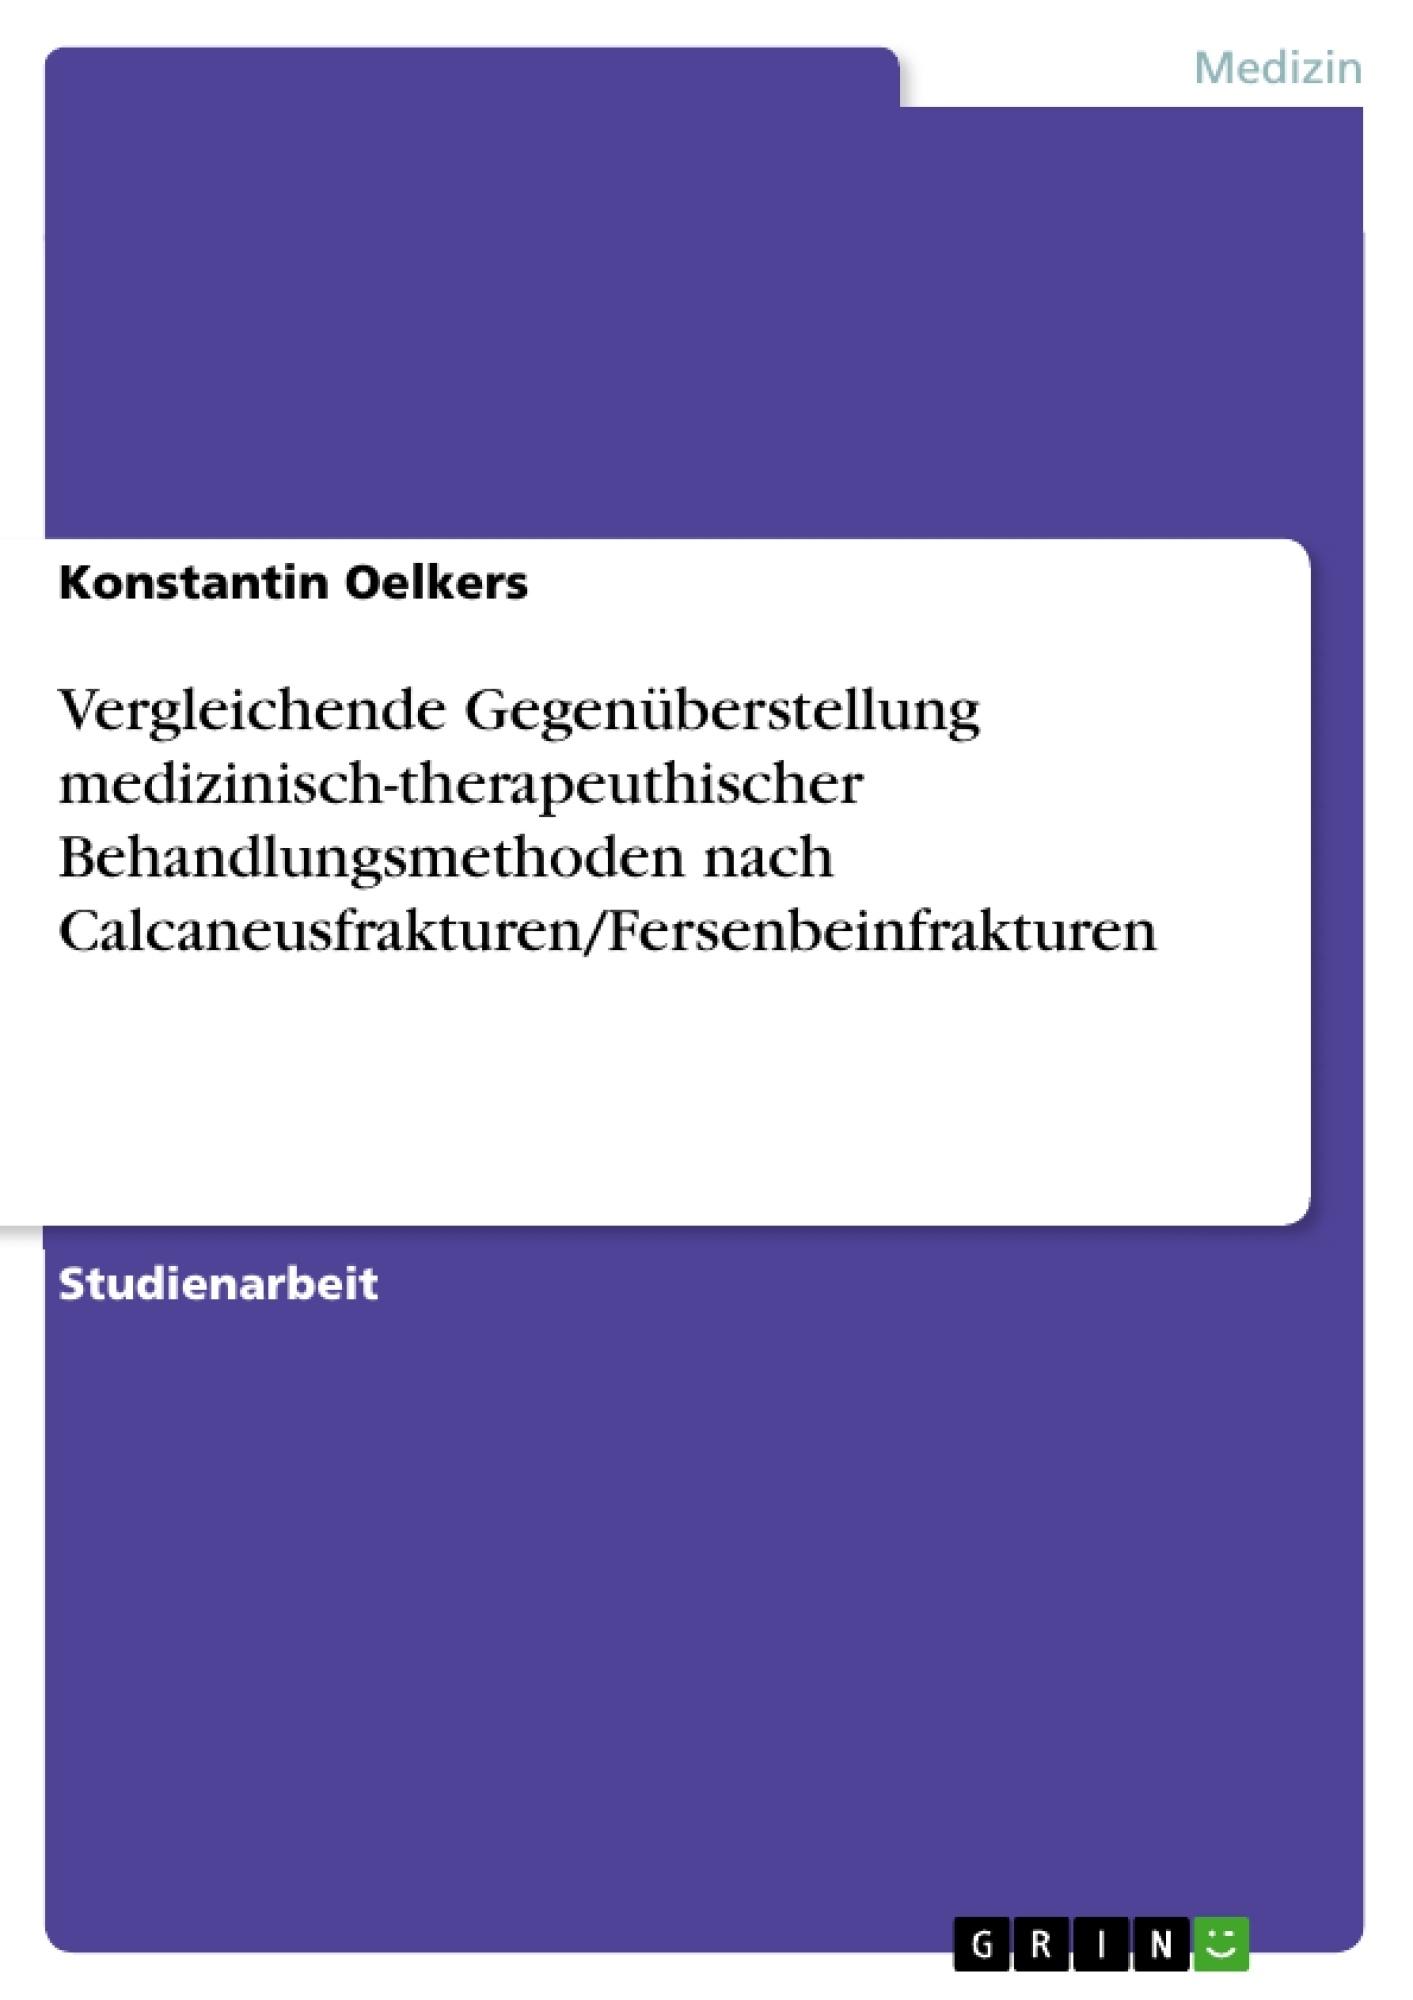 Titel: Vergleichende Gegenüberstellung medizinisch-therapeuthischer Behandlungsmethoden nach Calcaneusfrakturen/Fersenbeinfrakturen